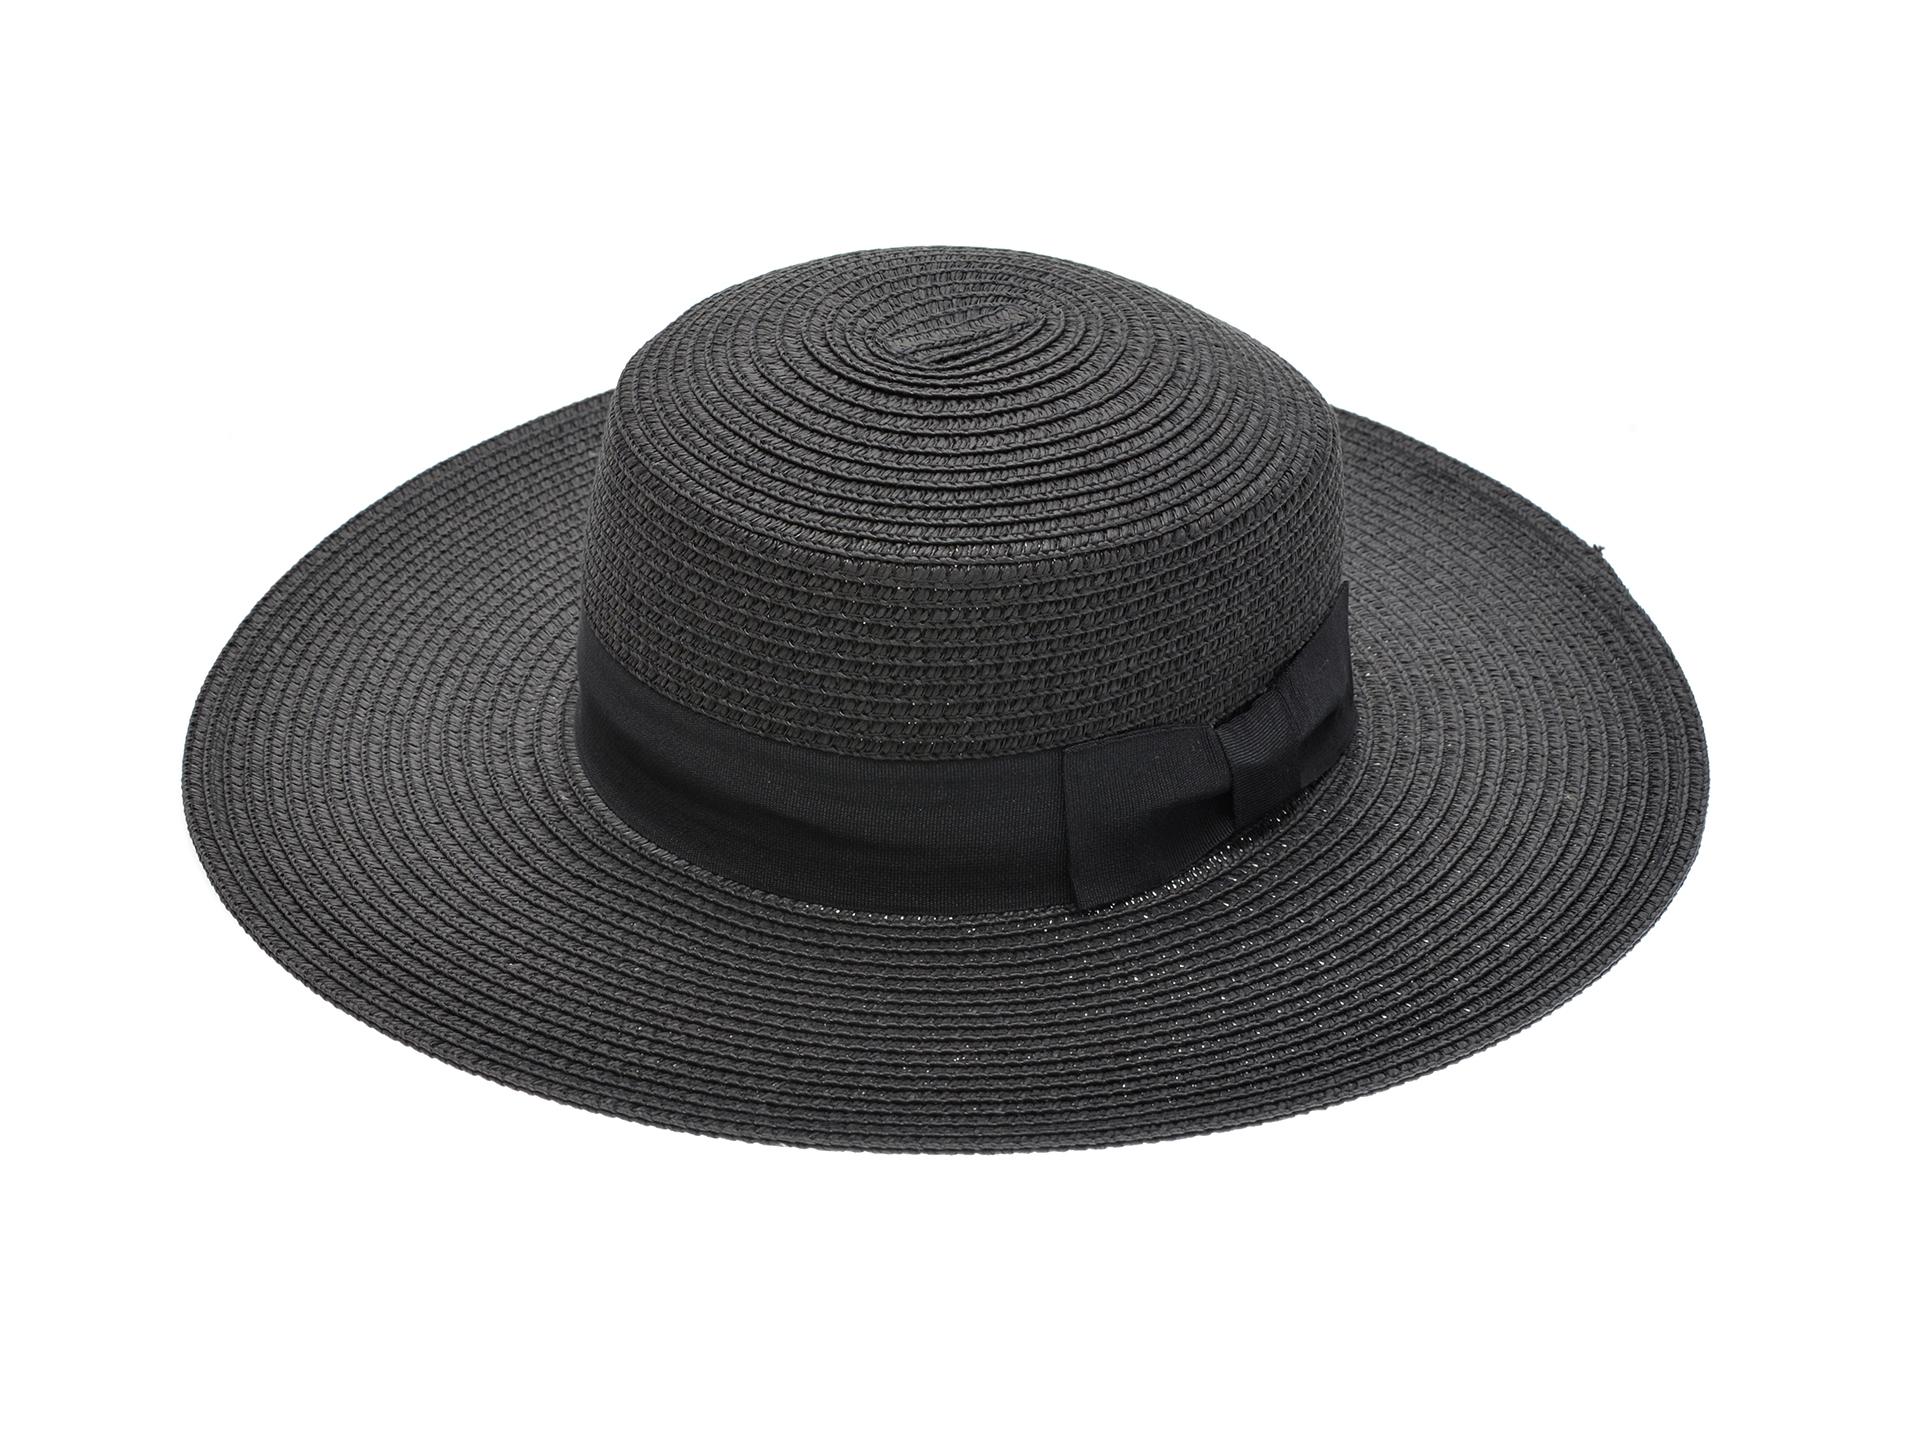 Palarie ALDO neagra, Notaris001, din material textil imagine